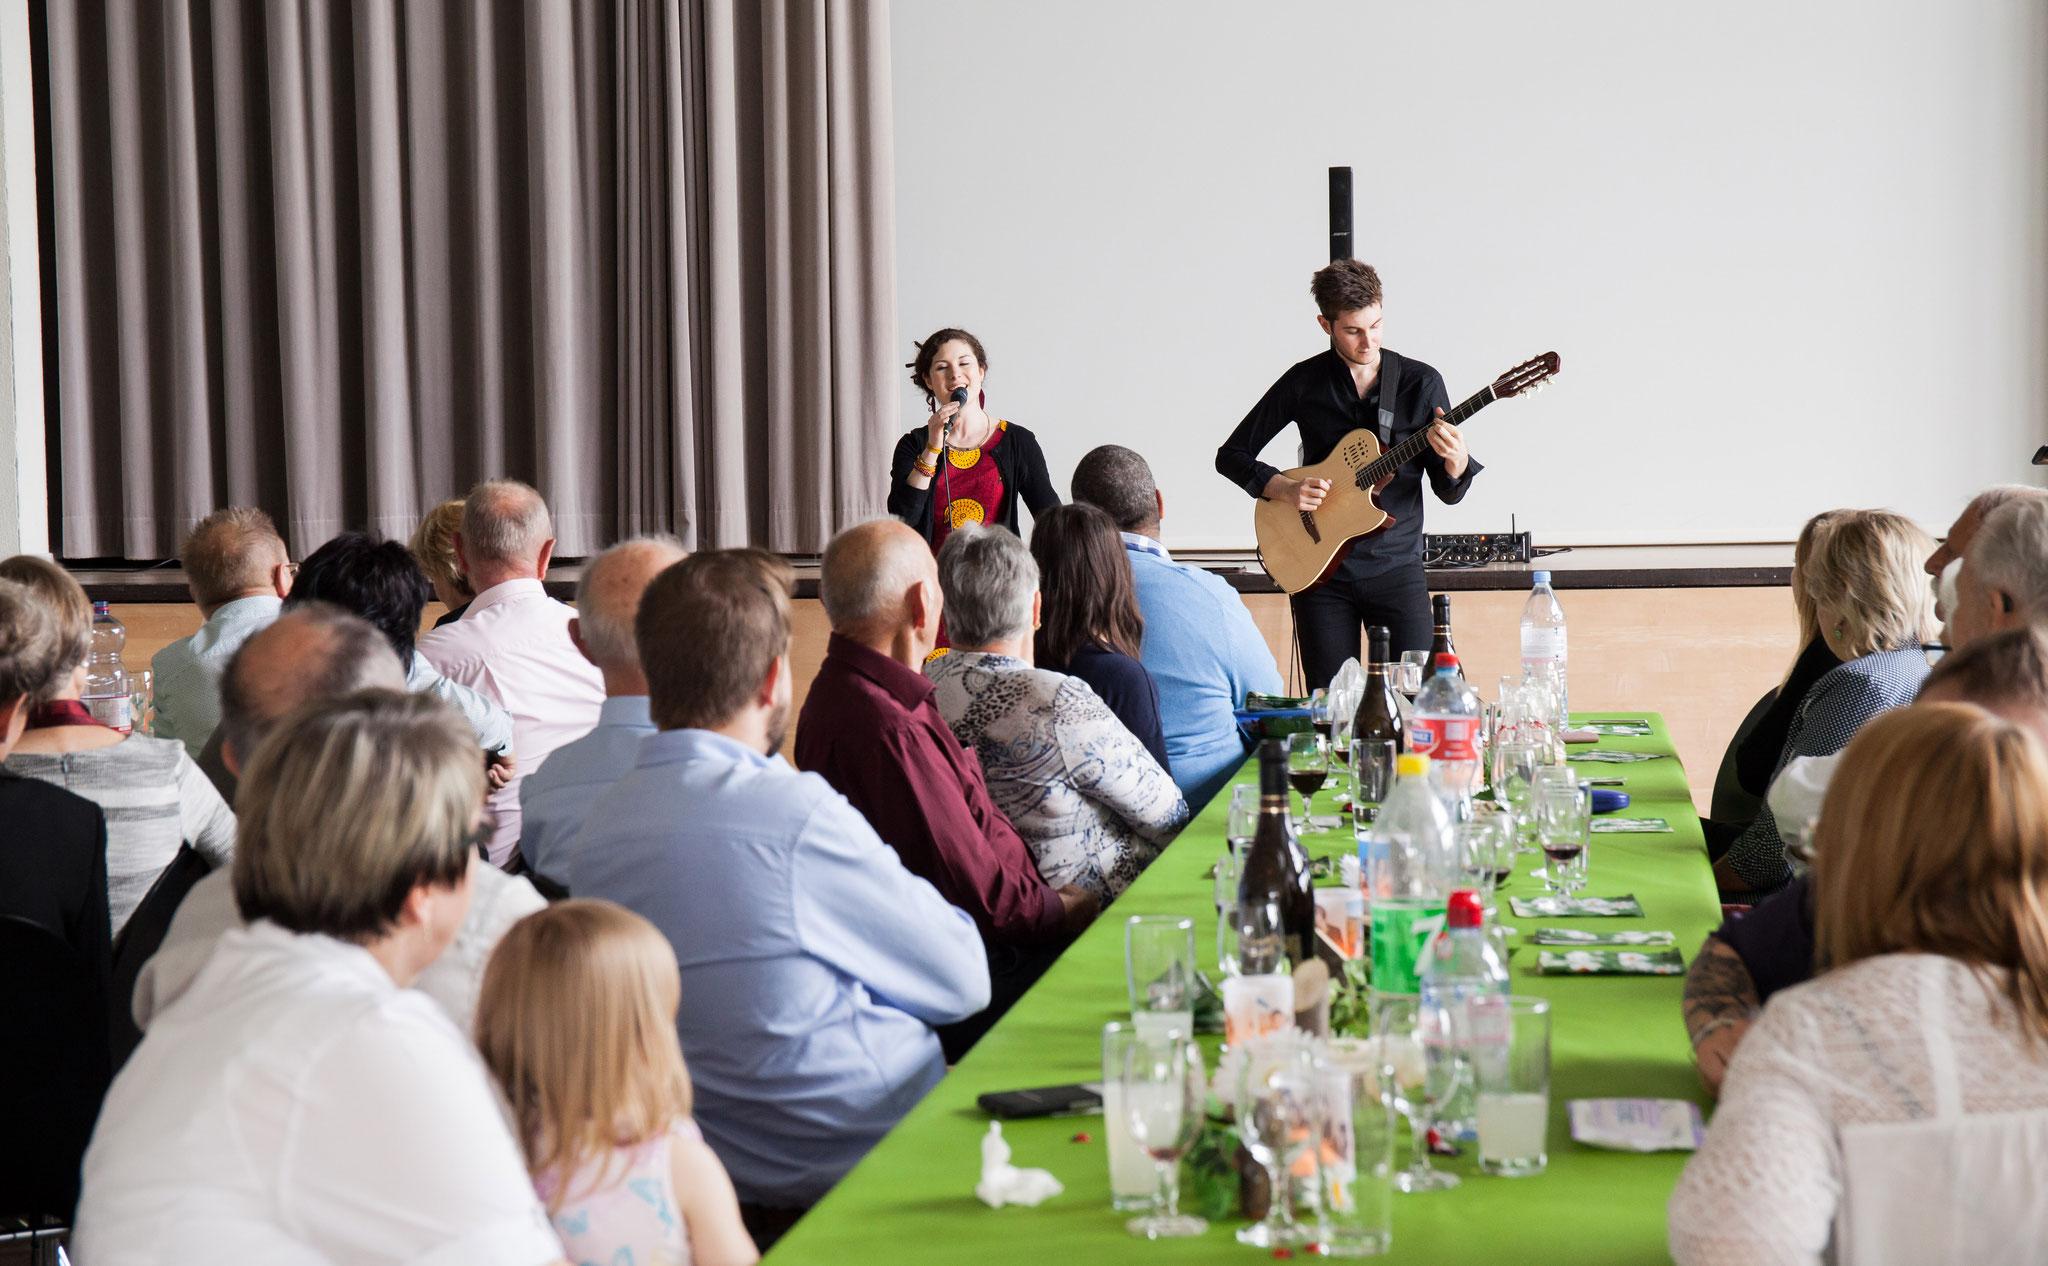 Konzert 20.05.2017, Bern